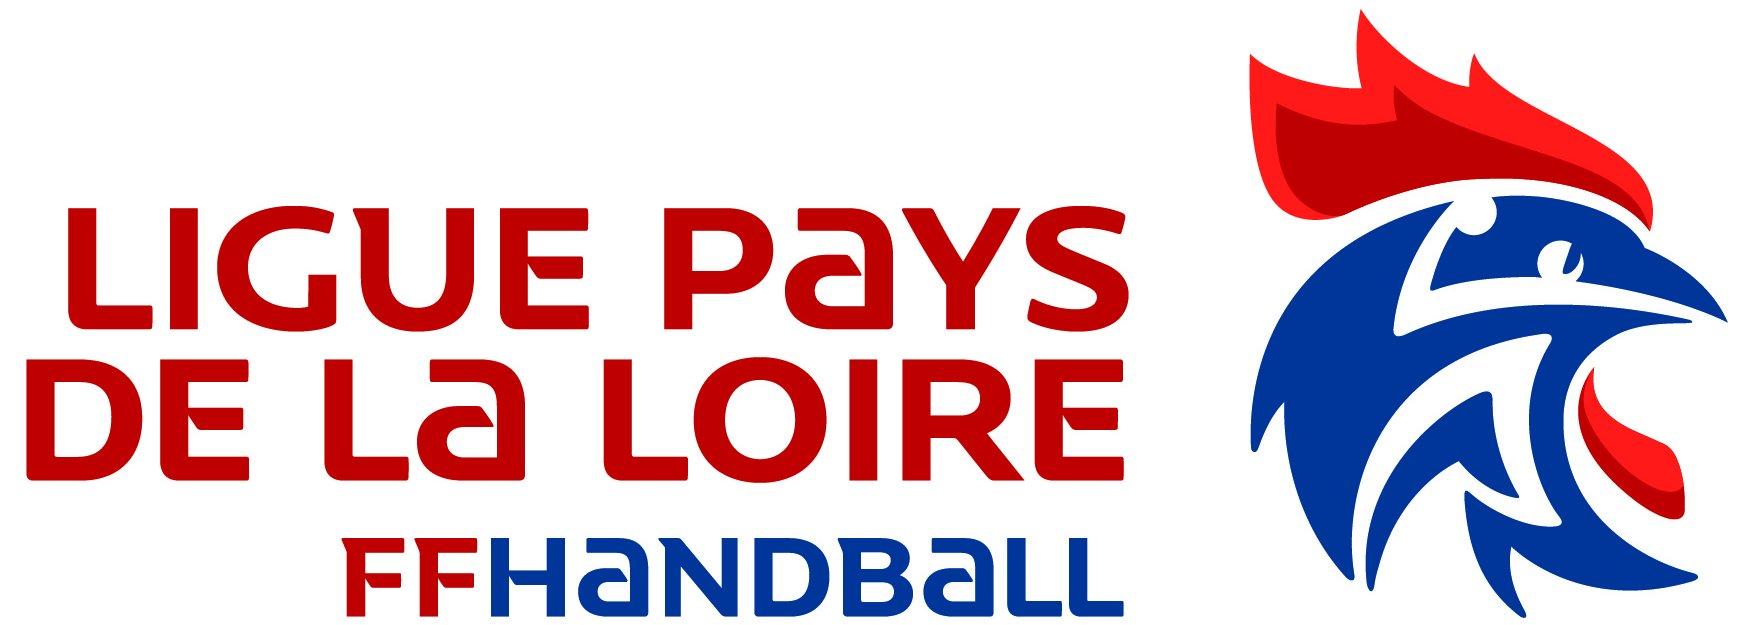 Ffhb logo ligue pays de la loire fd bl q